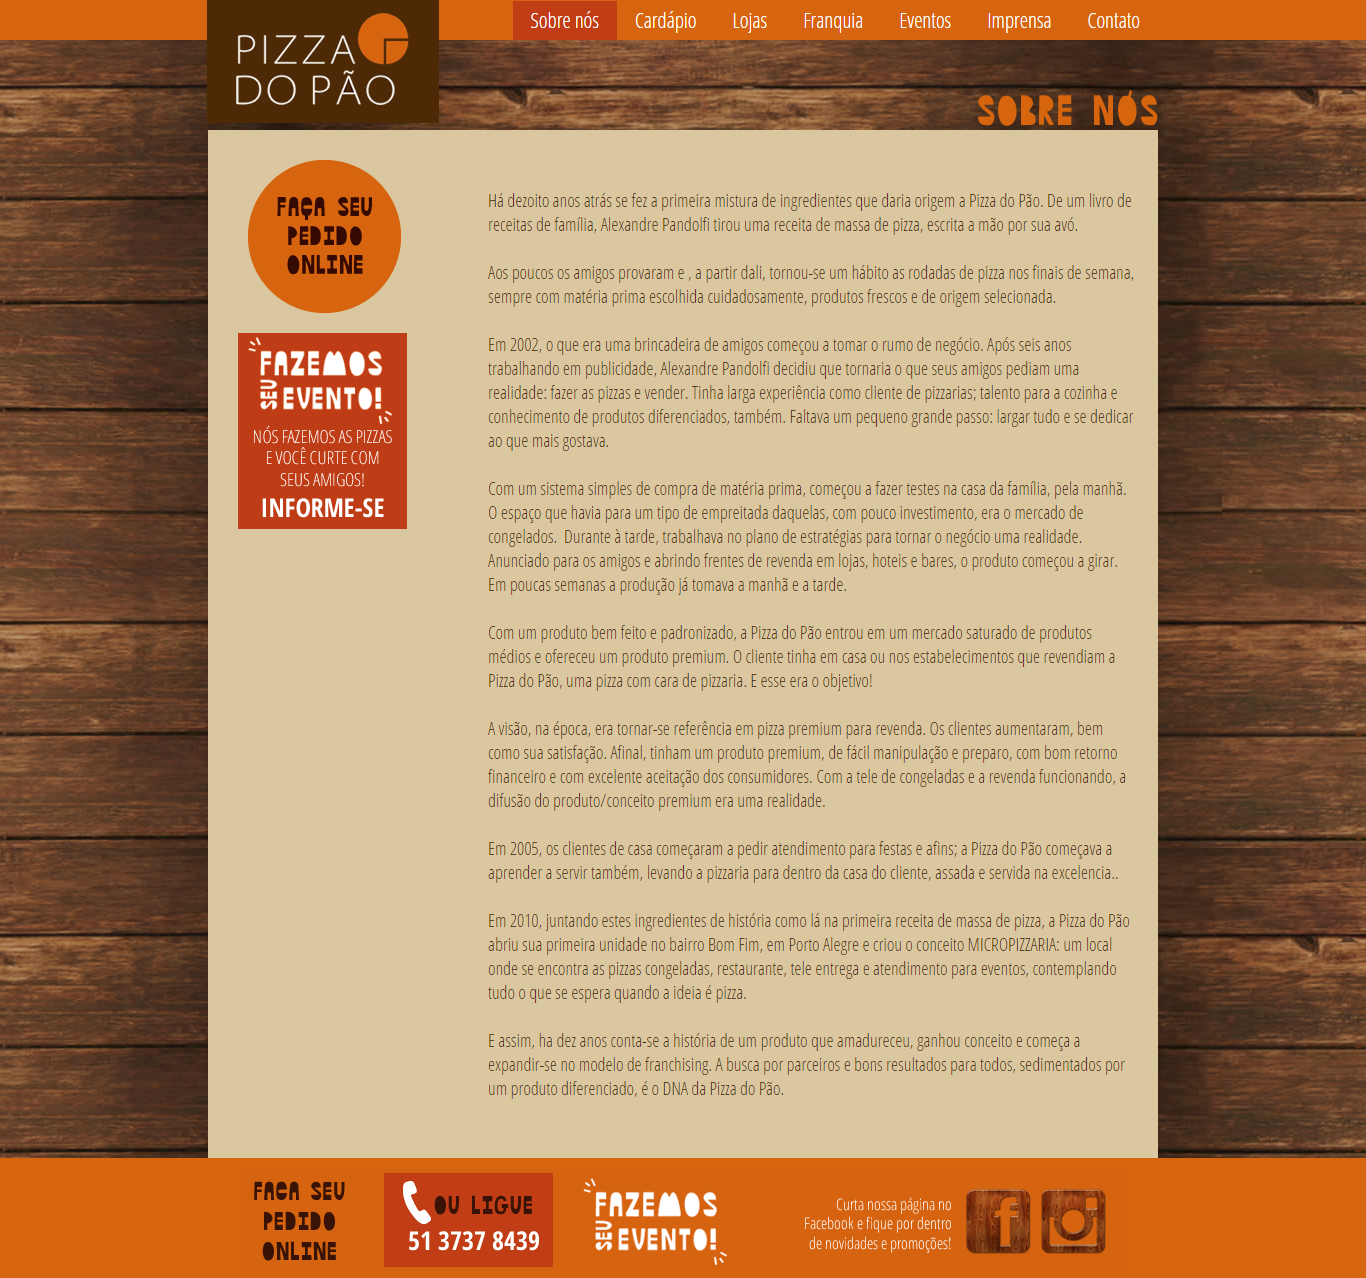 2014 - pizzadopao 2